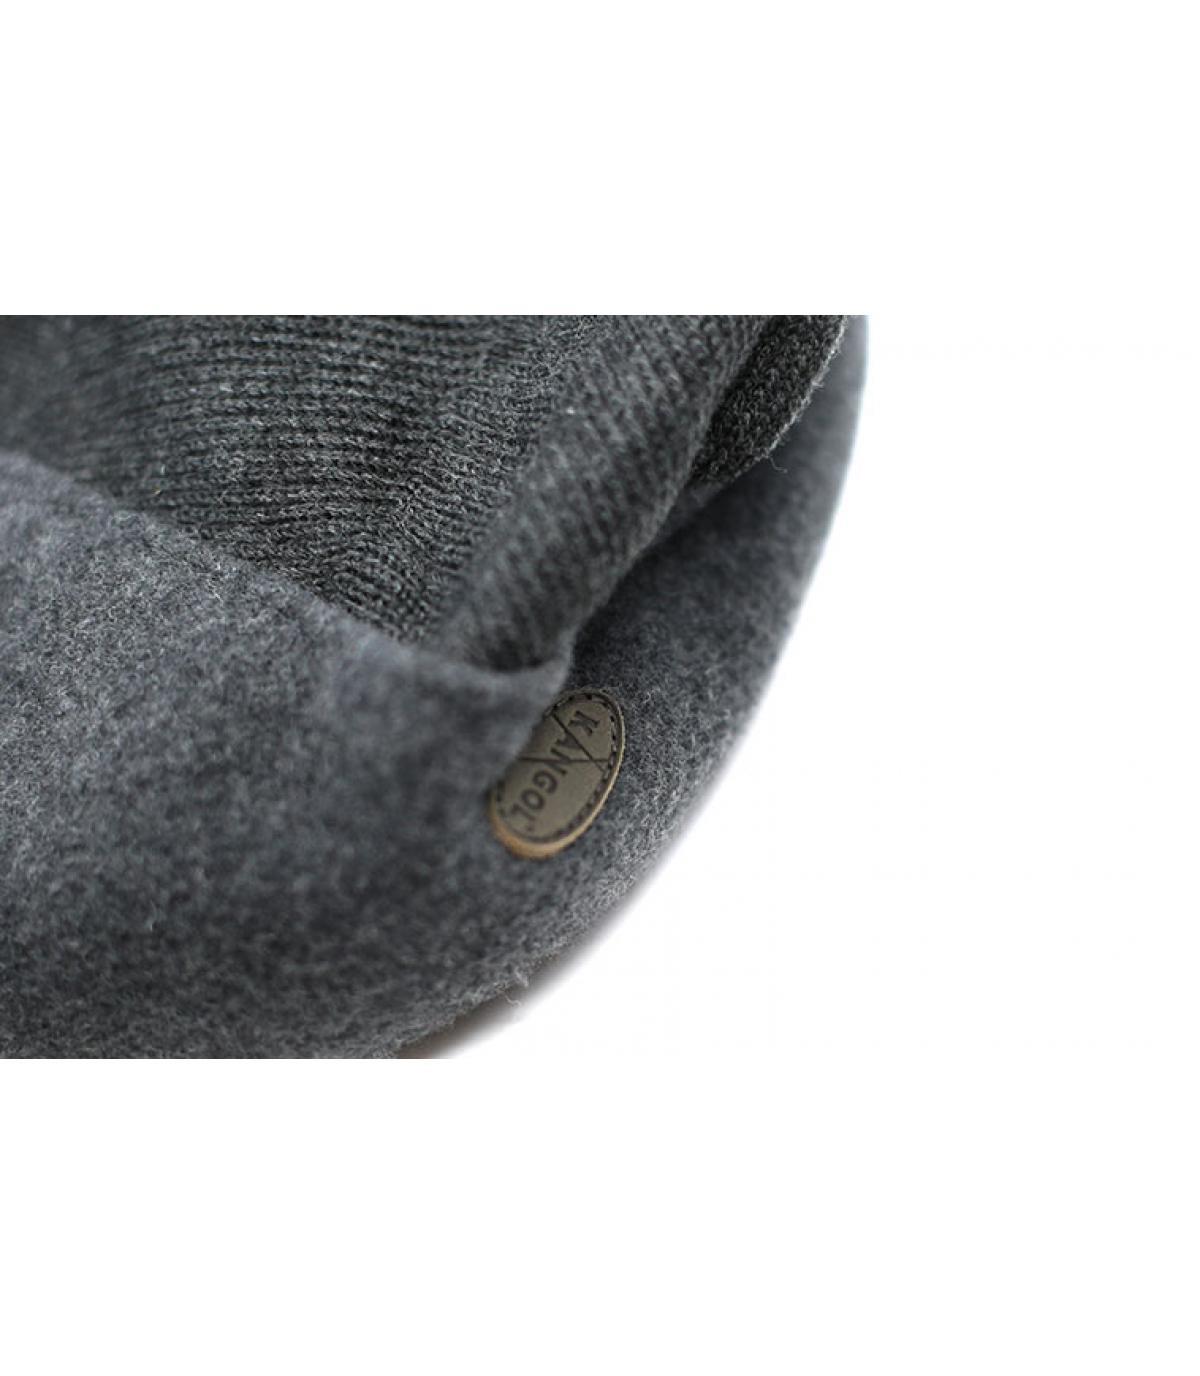 Détails Wool 504 Earflap dk flannel - image 3